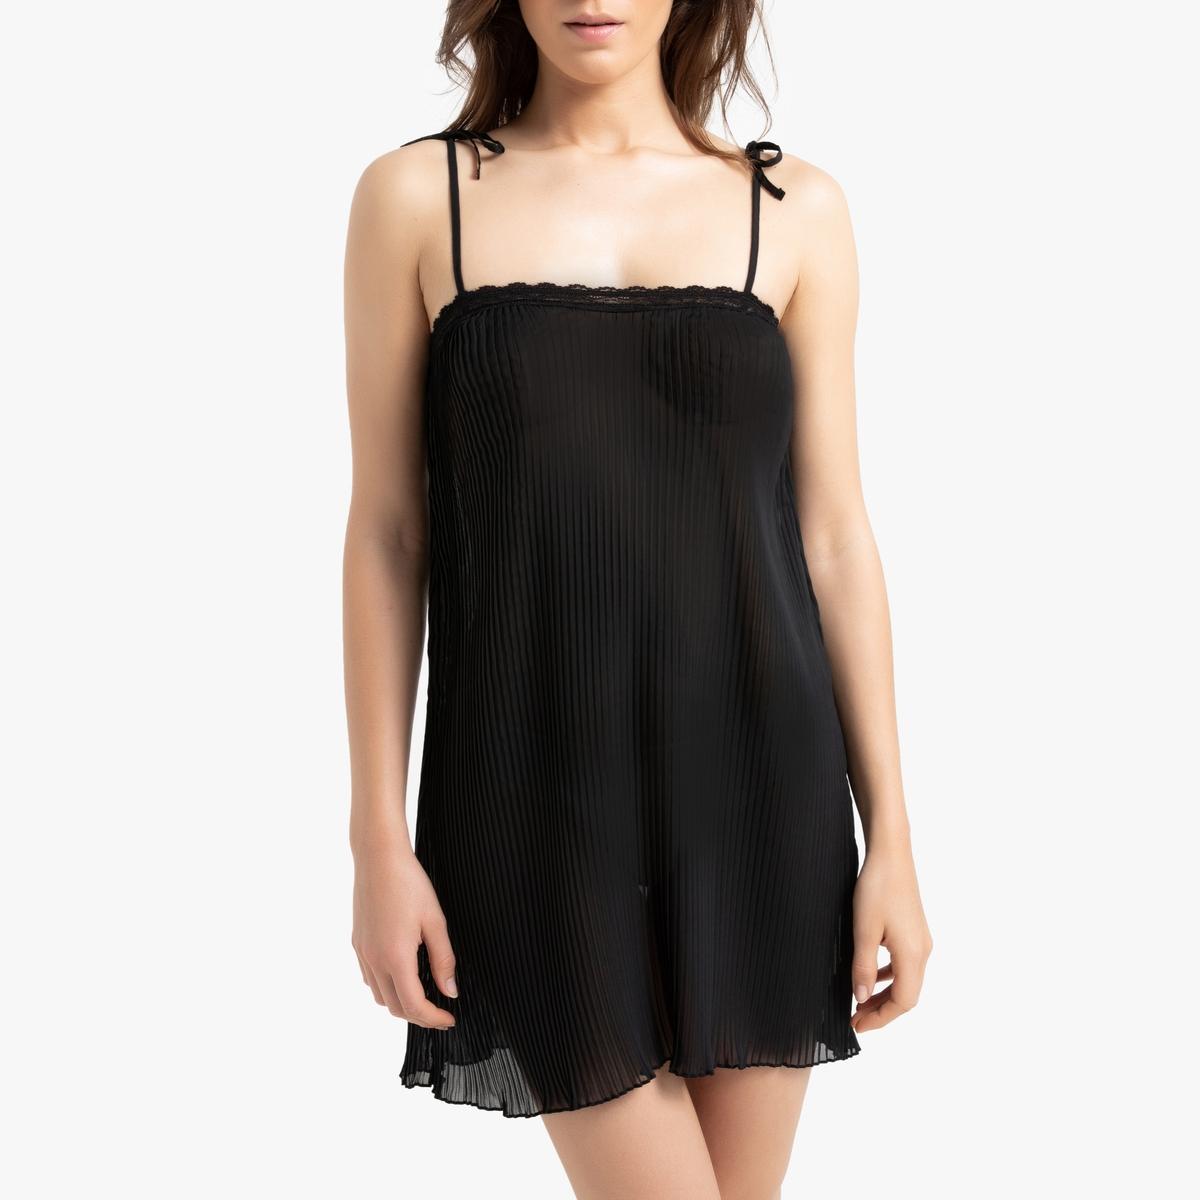 Ночная La Redoute — Рубашка на тонких бретелях с кружевными вставками (RUS) черный